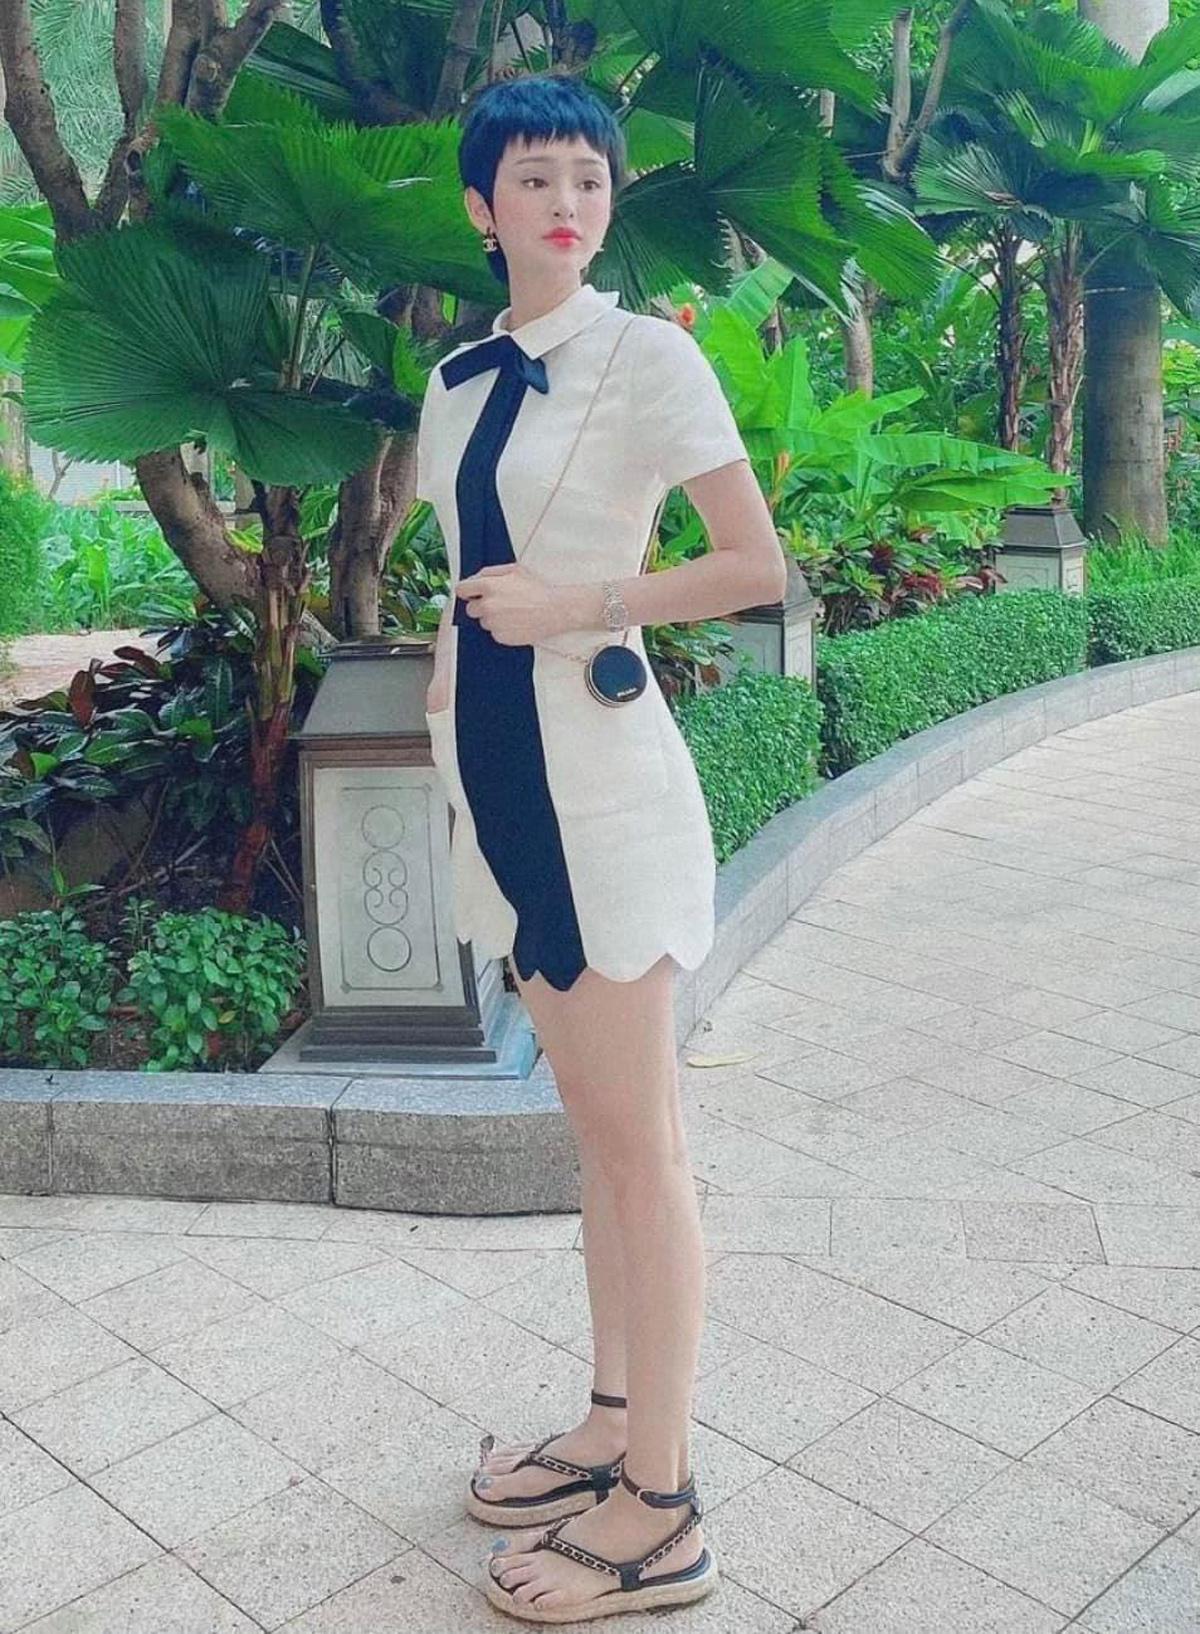 Chiếc váy nơ cổ xinh xắn mang đến cho Hiền Hồ diện mạo như búp bê. Cách kết hợp túi xách nhỏ xíu của Prada và sandals Chanel cũng là lựa chọn tinh tế của người đẹp.